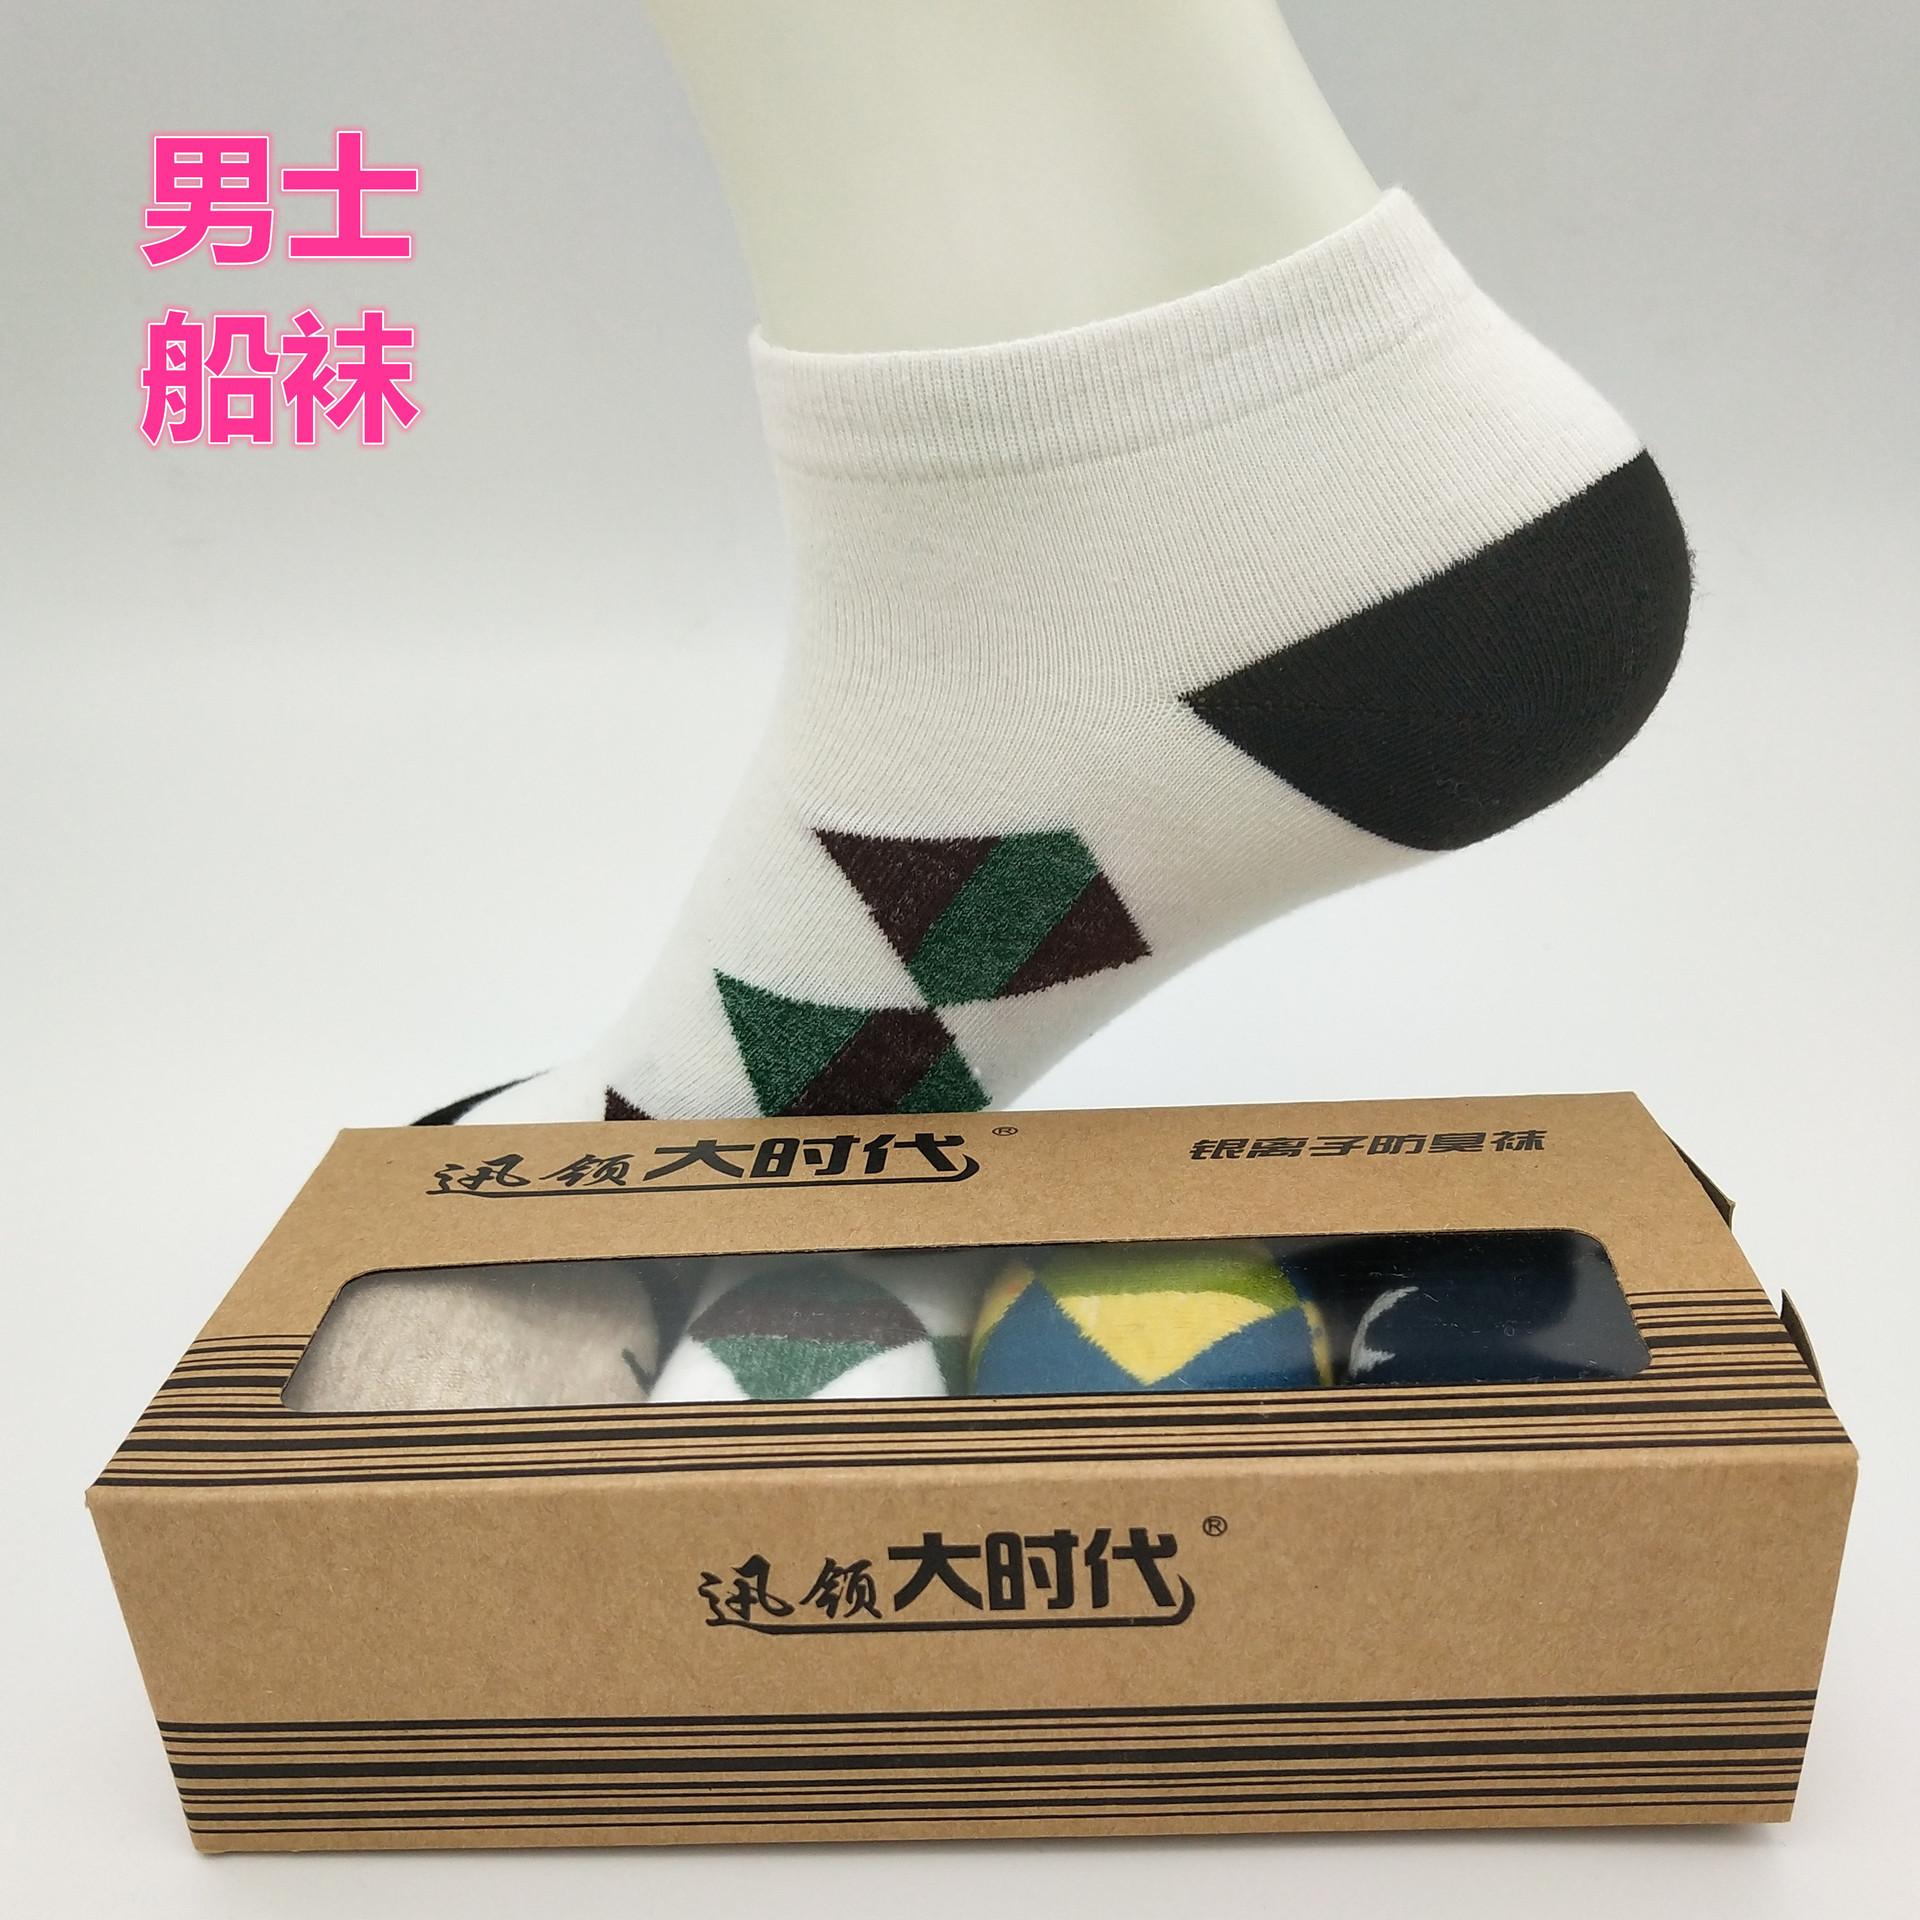 10元模式摆地摊盒装袜子批发 火烧纯棉袜